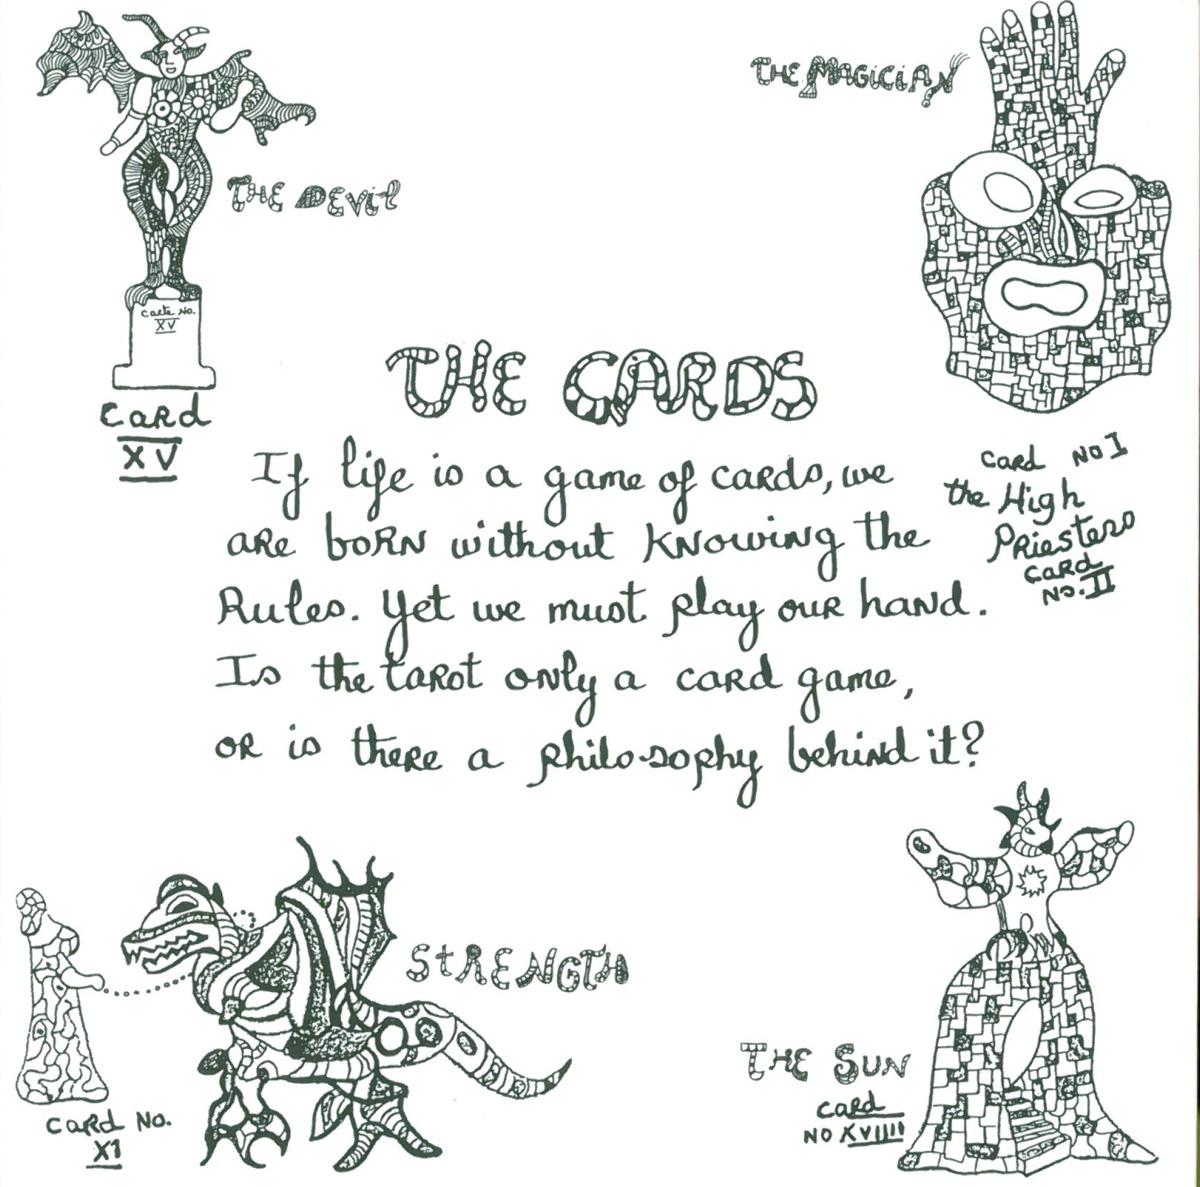 A page from Niki's guide to the Garden. Image courtesy of Il Fondazione Giardino Dei Tarocchi.